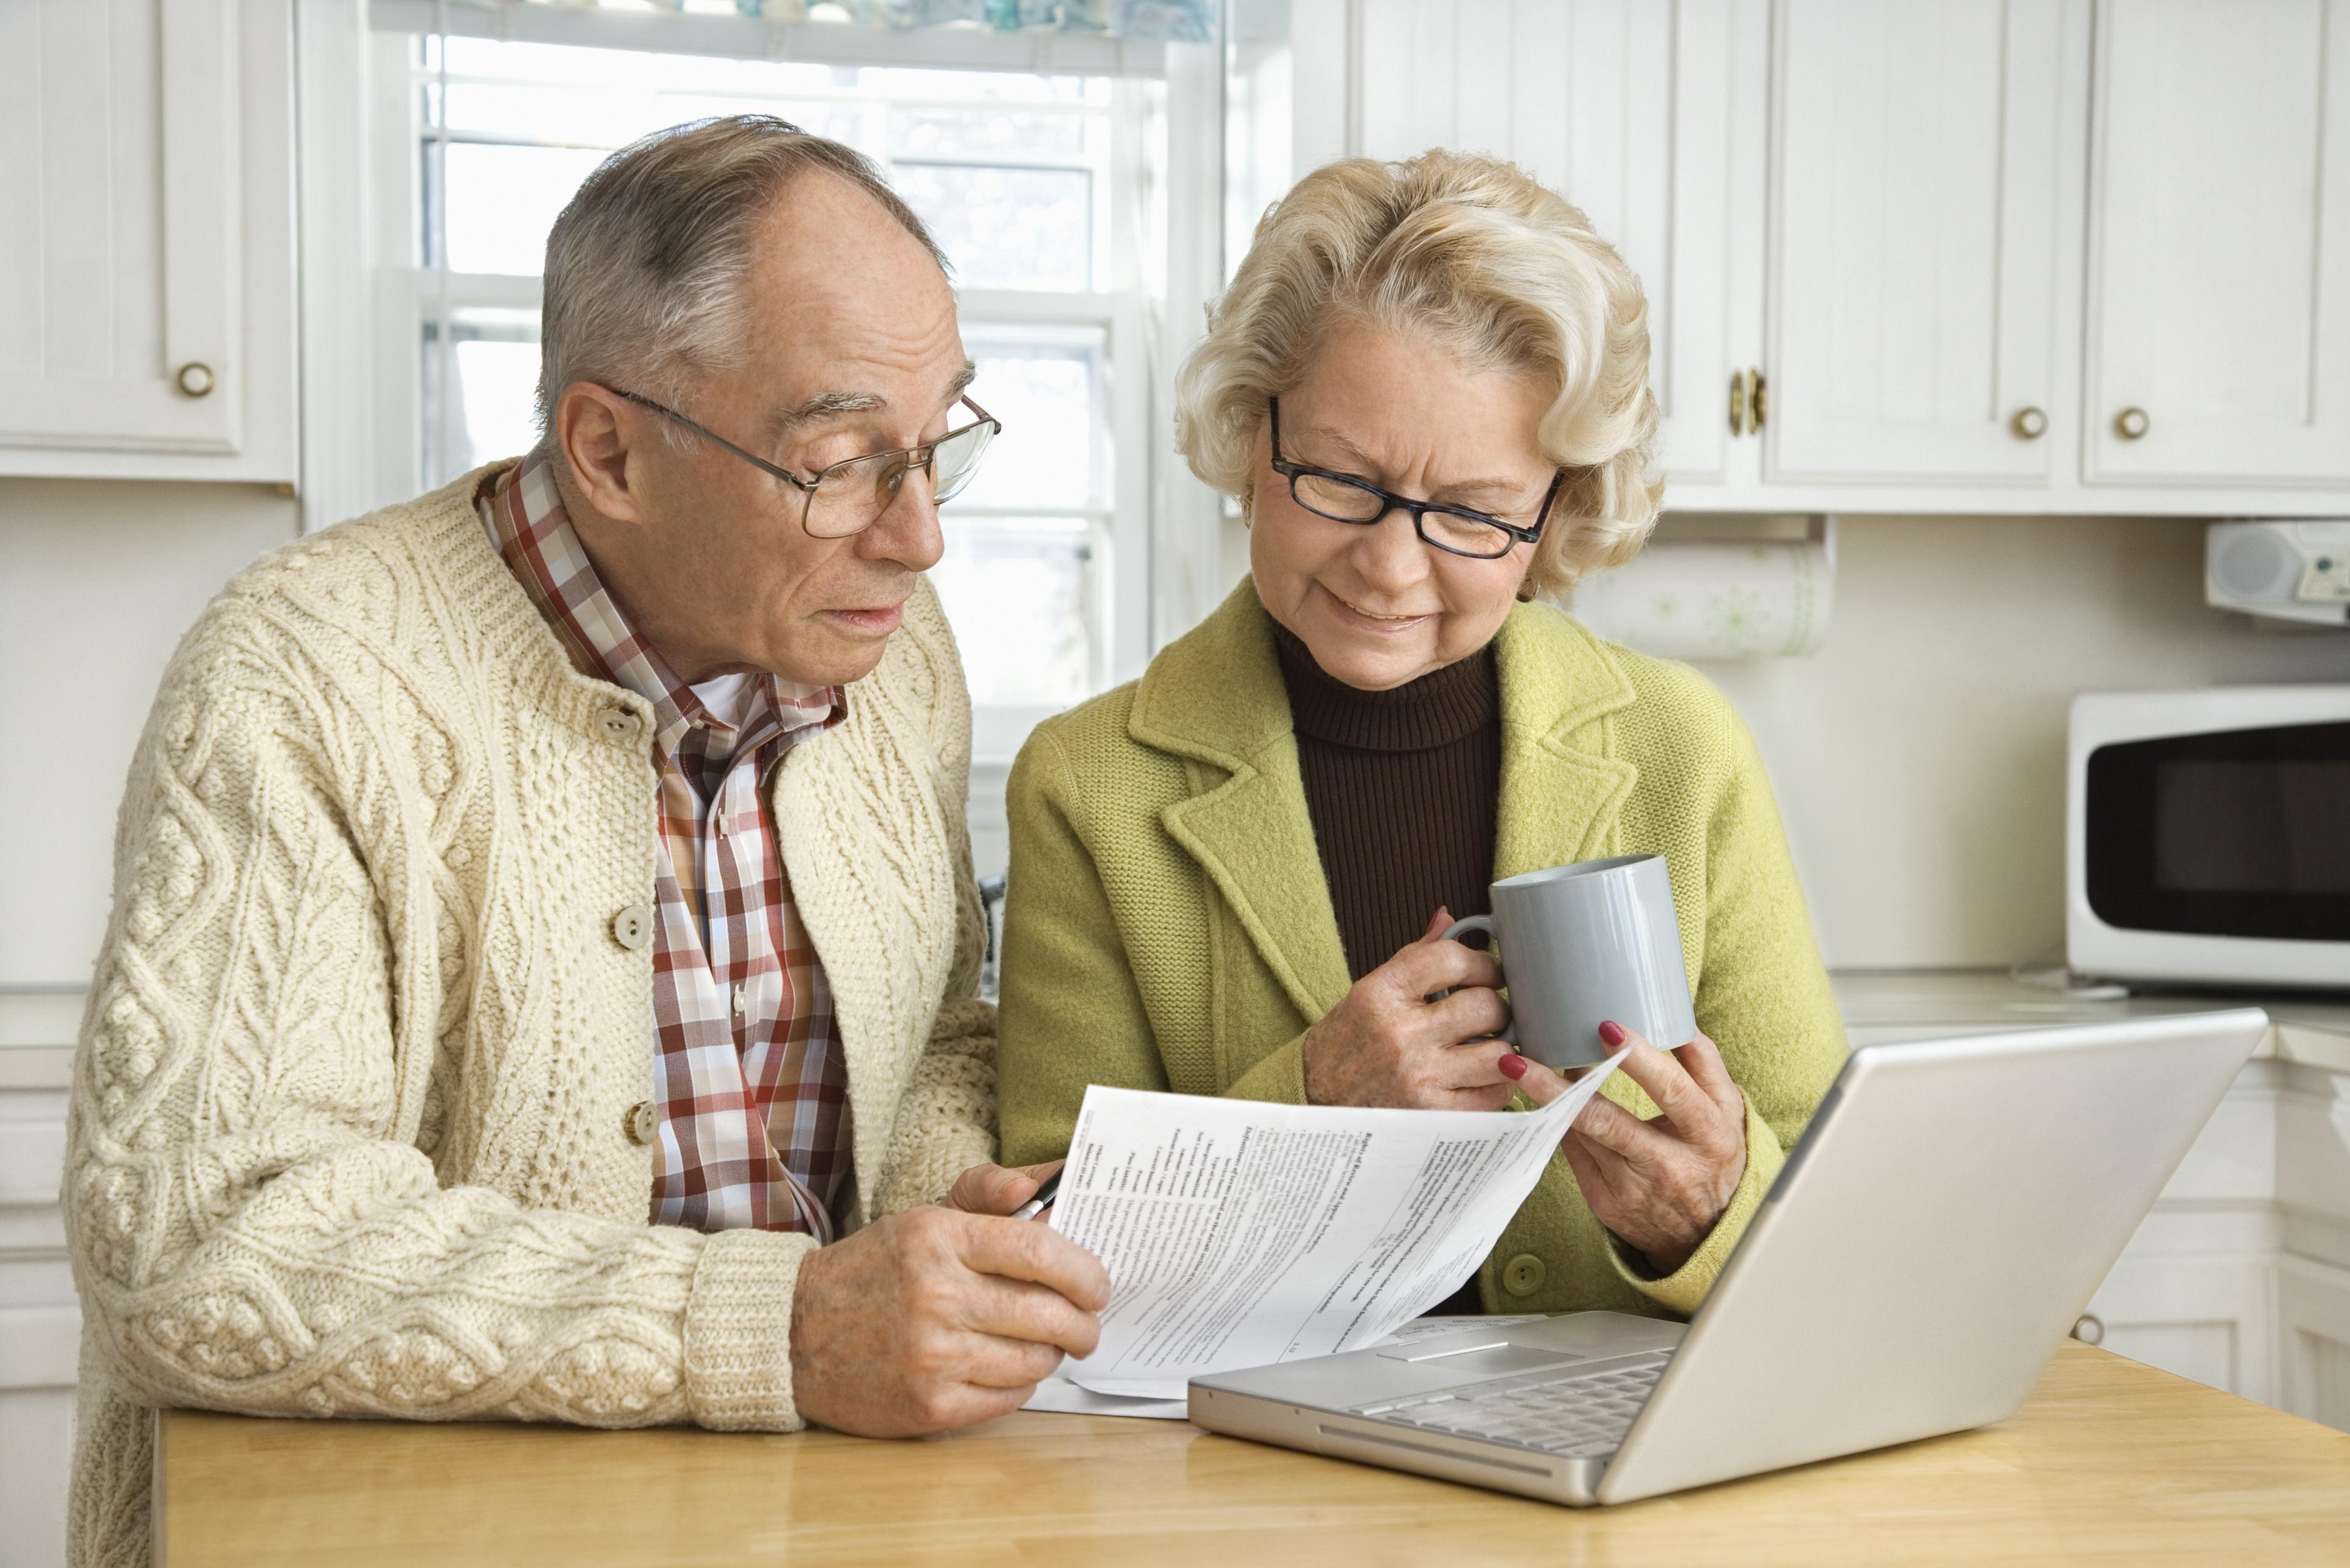 До скольки лет дают кредит пенсионерам?